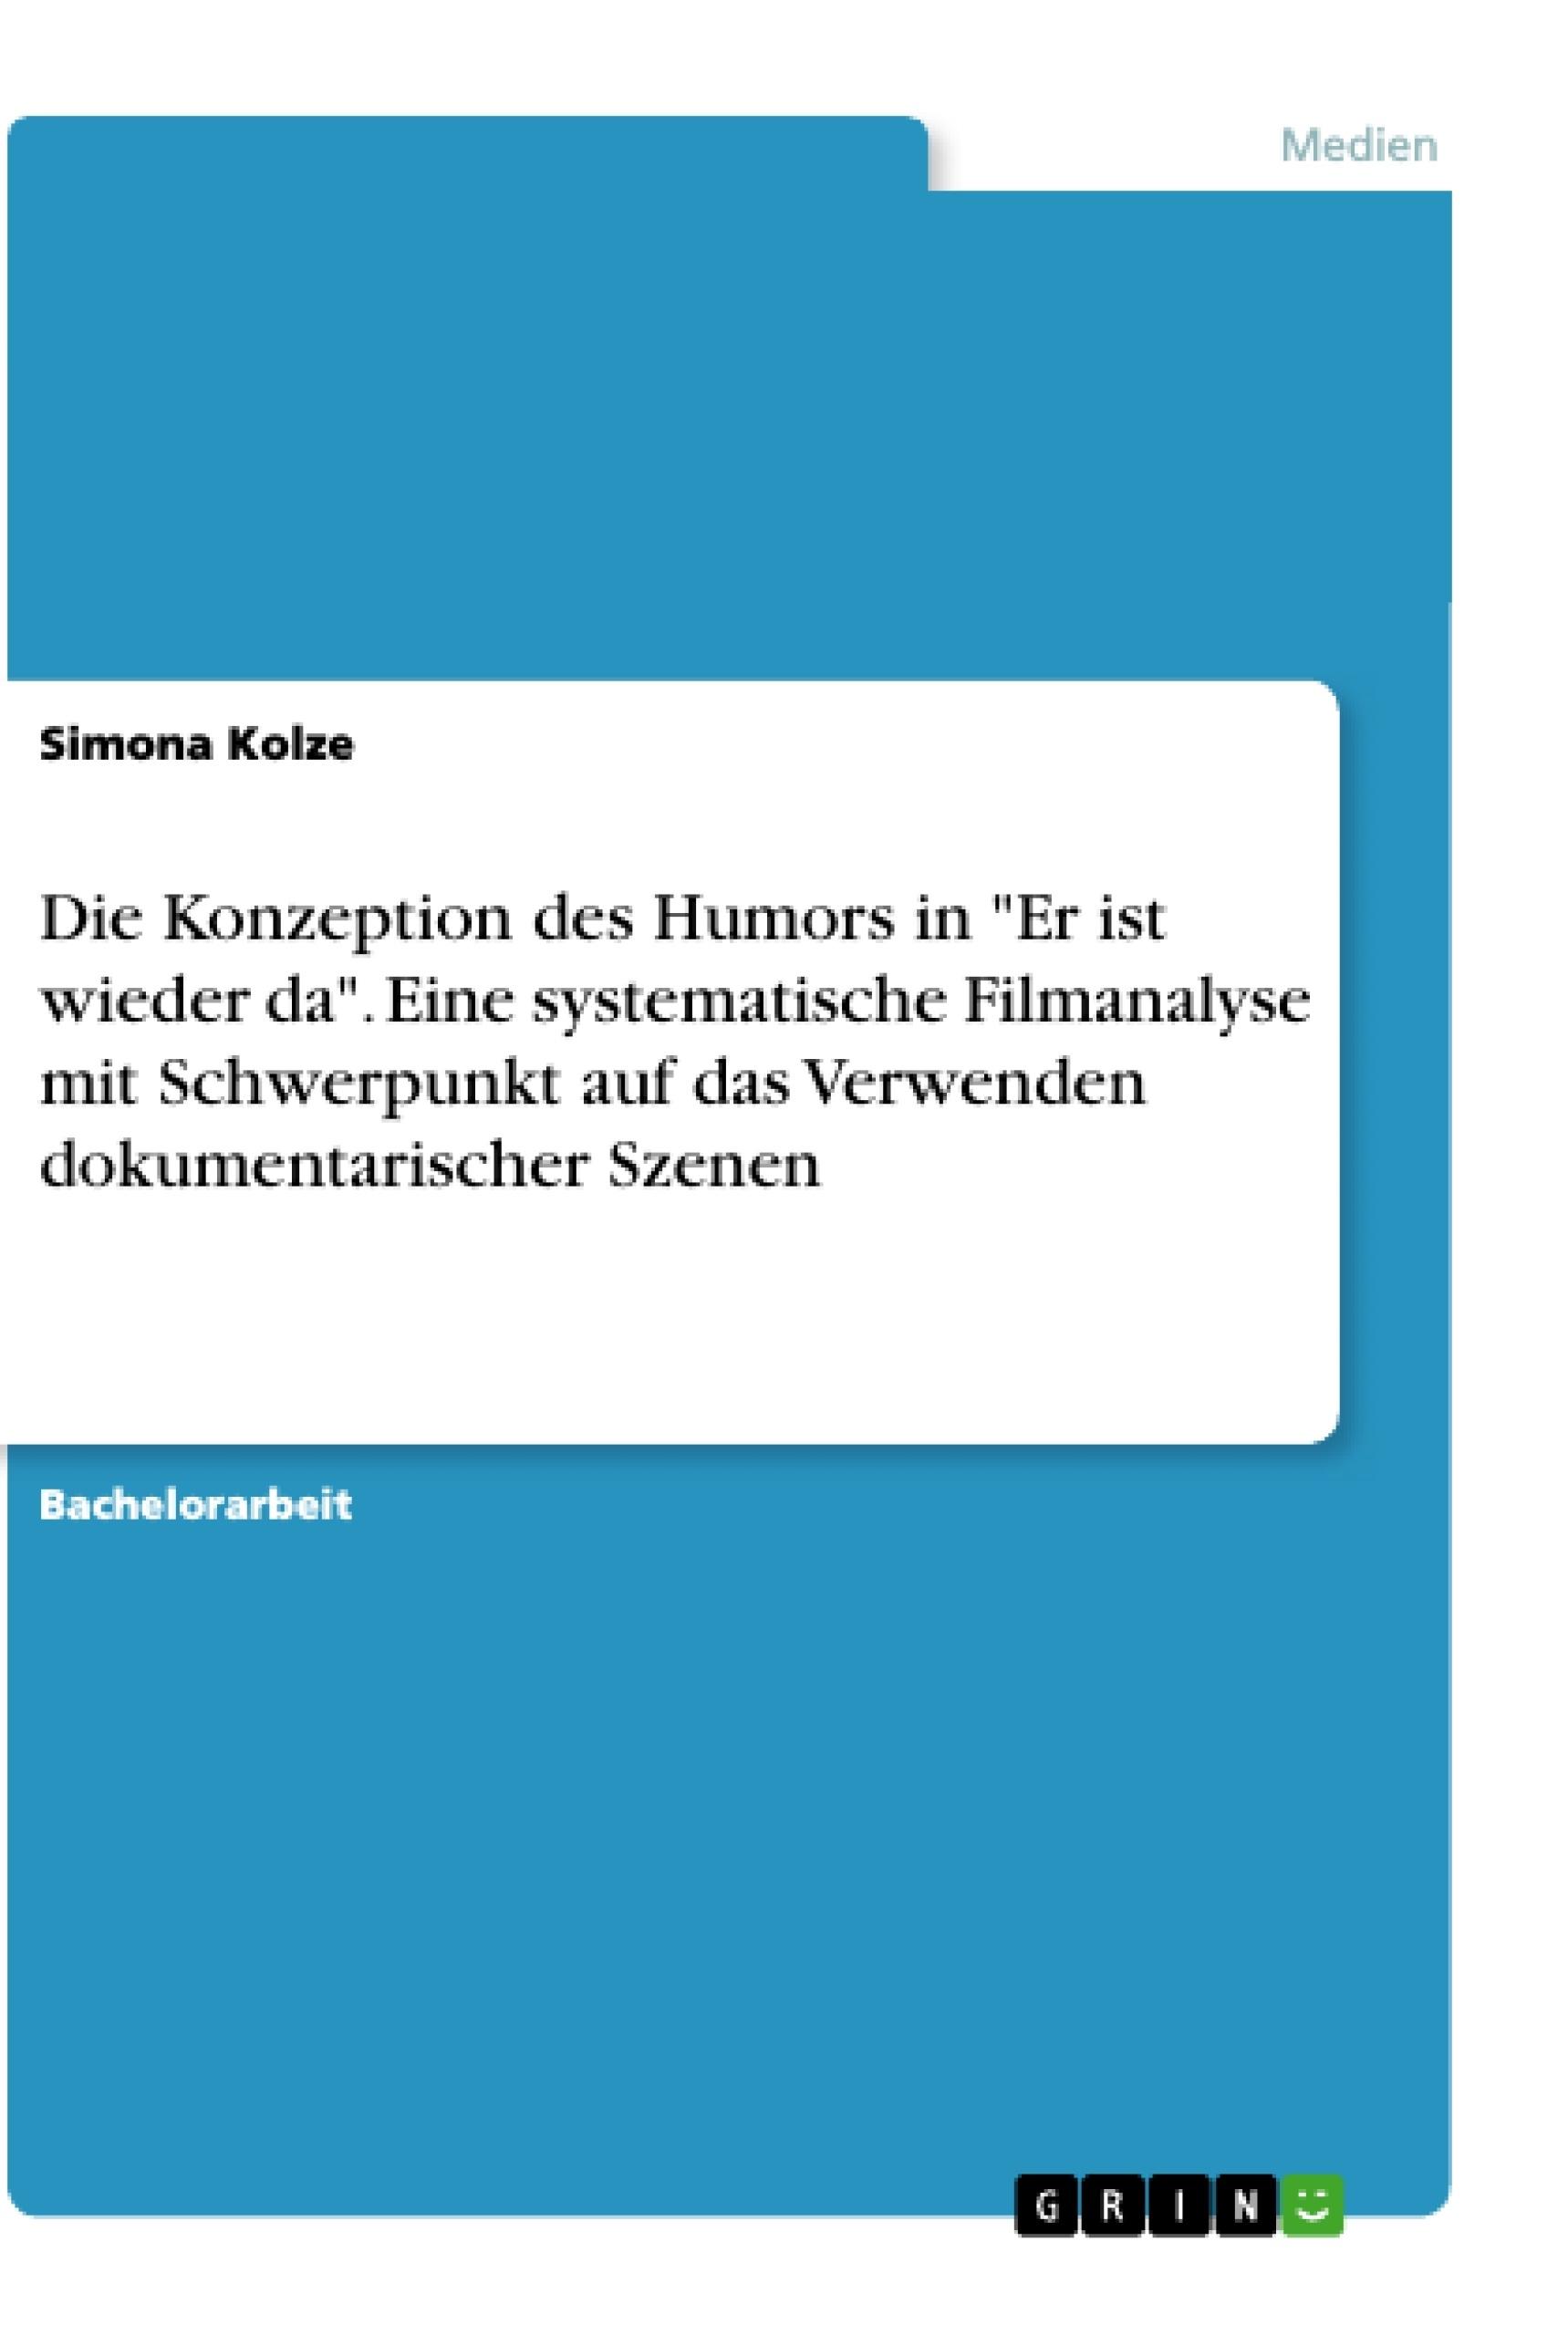 """Titel: Die Konzeption des Humors in """"Er ist wieder da"""". Eine systematische Filmanalyse mit Schwerpunkt auf das Verwenden dokumentarischer Szenen"""